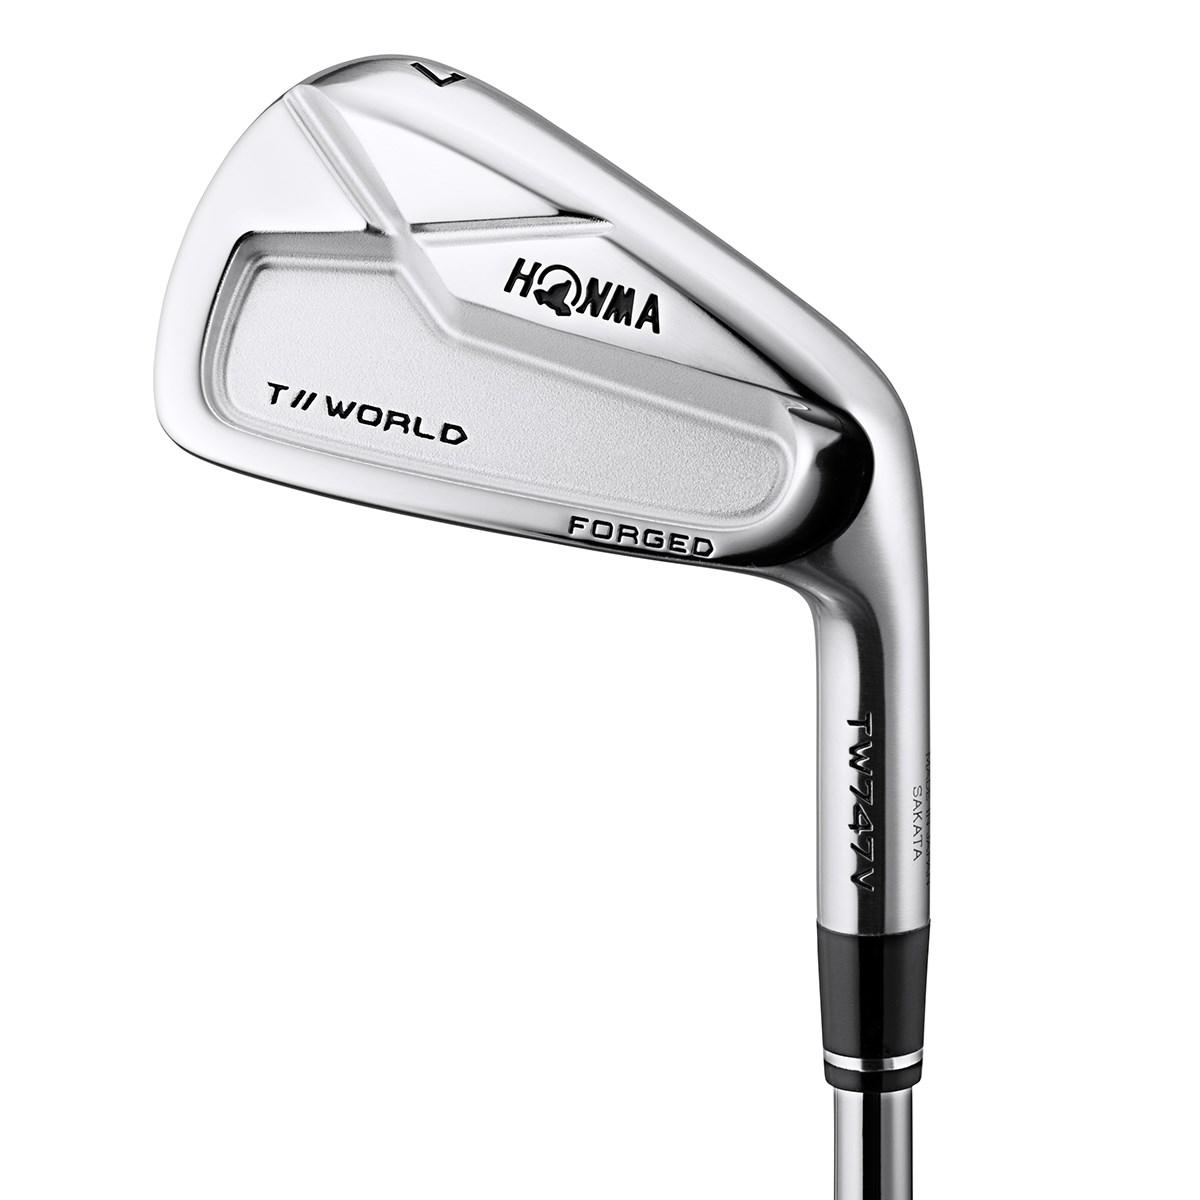 本間ゴルフ(HONMA GOLF) ツアーワールド TW747 V アイアン(単品) AMT TOUR WHITE